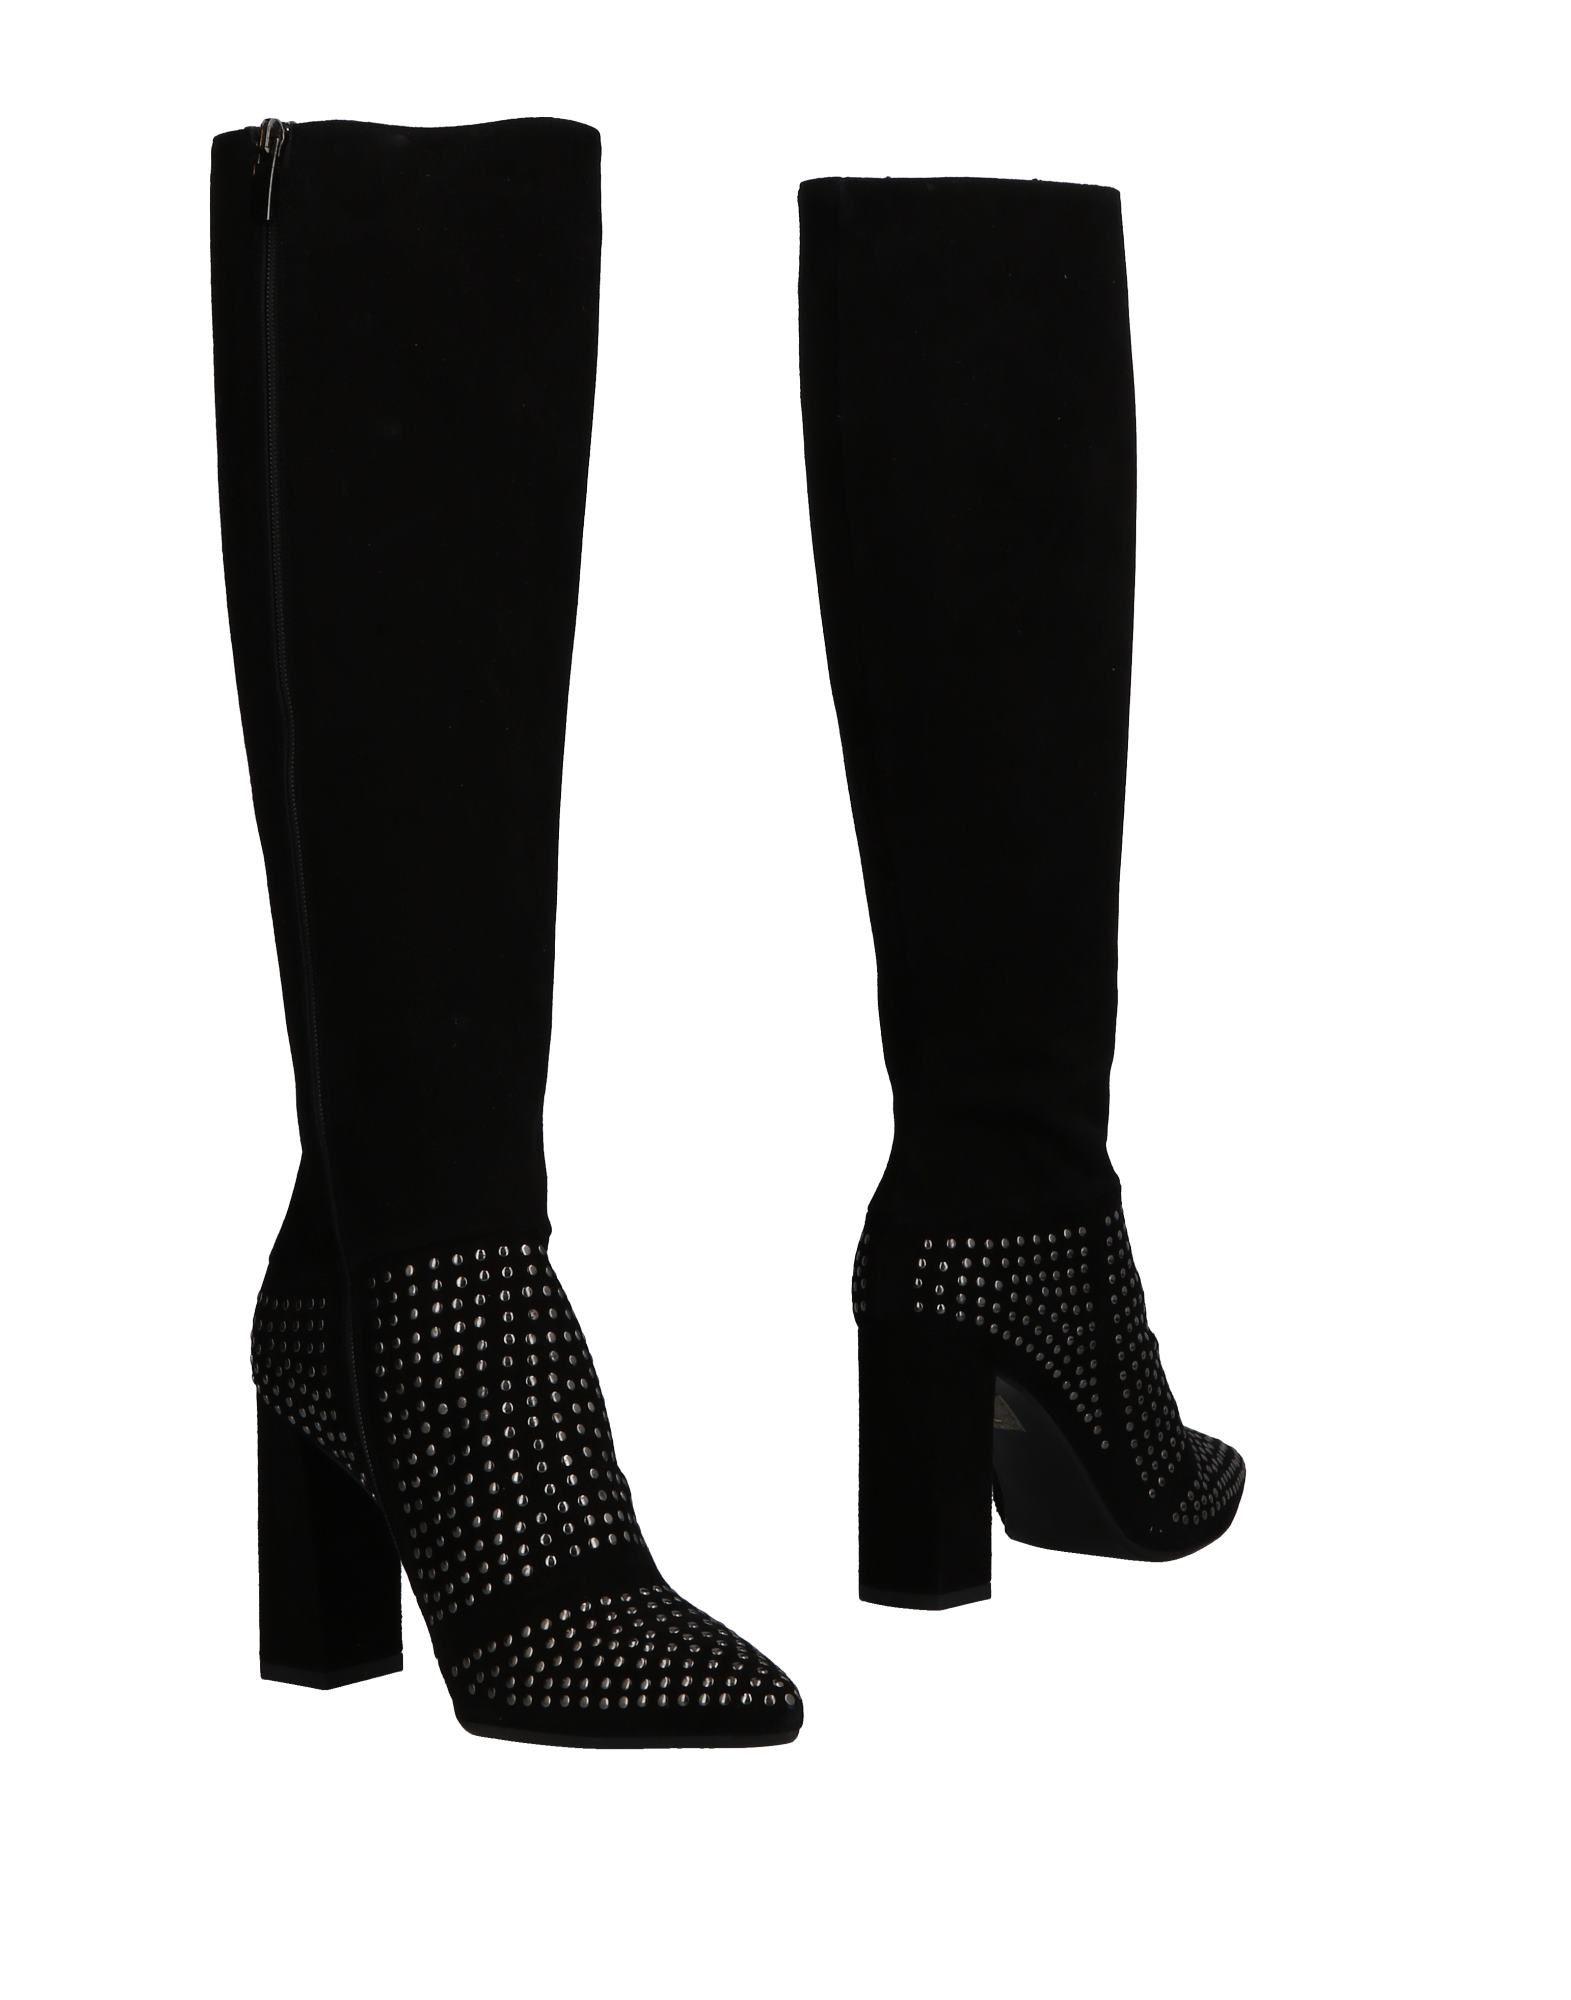 Moda Stivali Norah Donna - 11499735ED